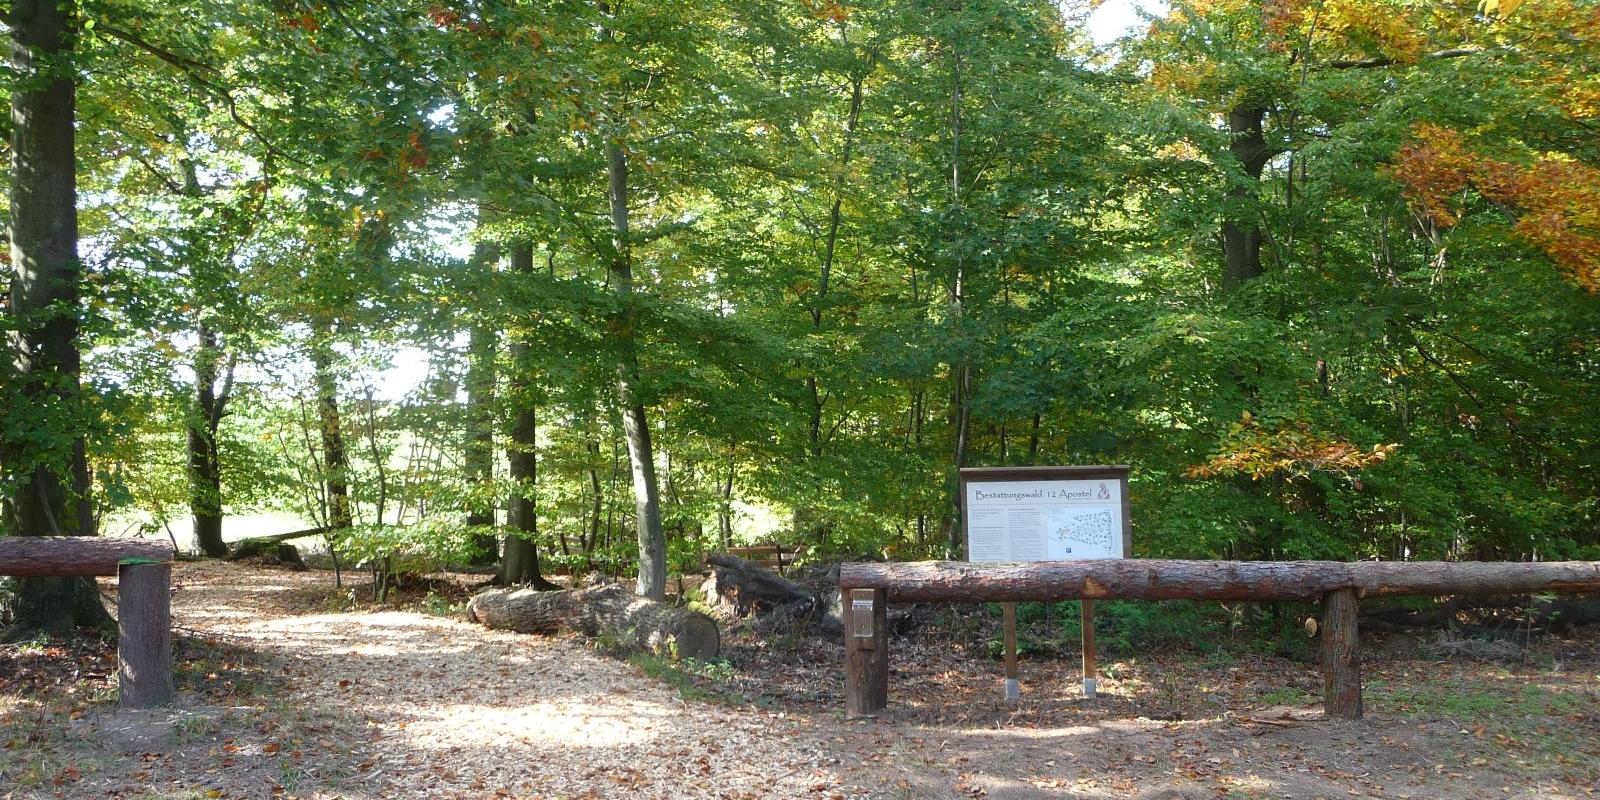 Eingang zum Bestattungswald 12 Apostel